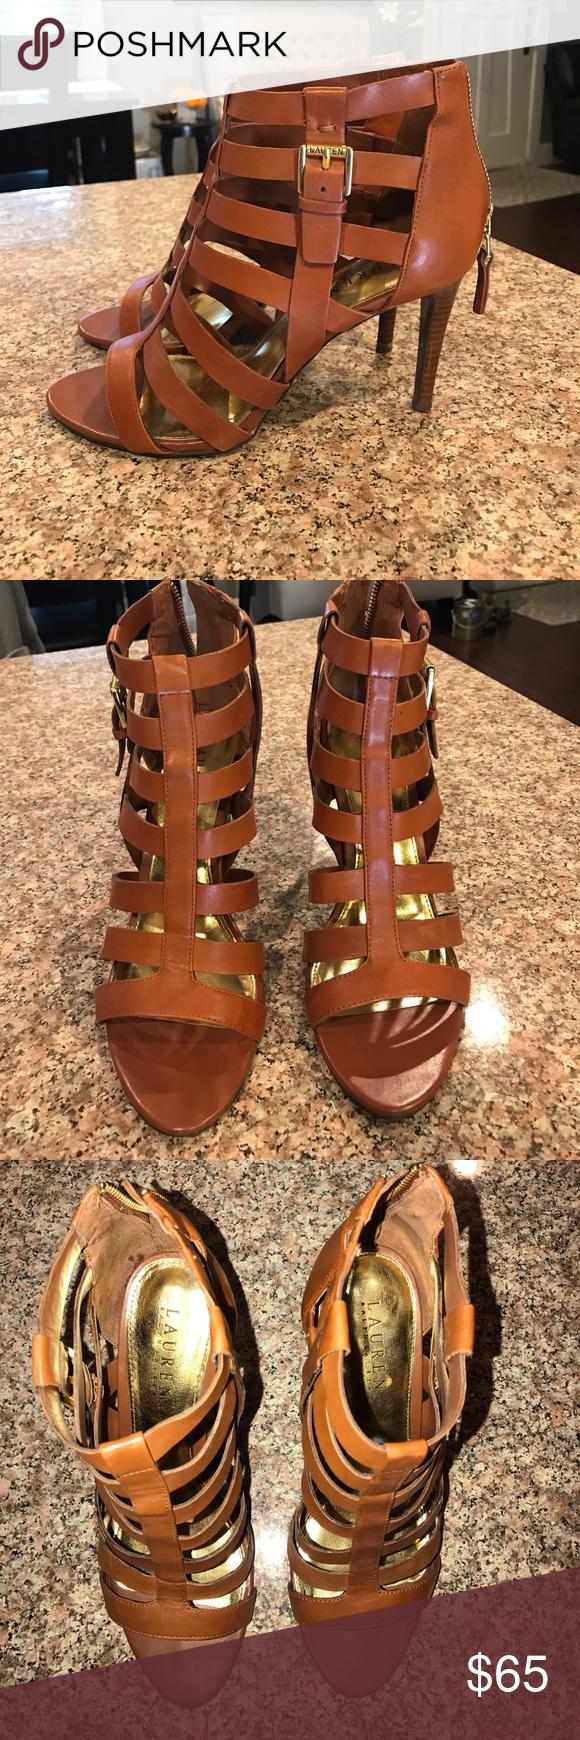 Ralph Lauren caged sandal heels Ralph Lauren caged sandal heels. Excellent condition. Worn once. Perfect for summer! Lauren Ralph Lauren Shoes Heels